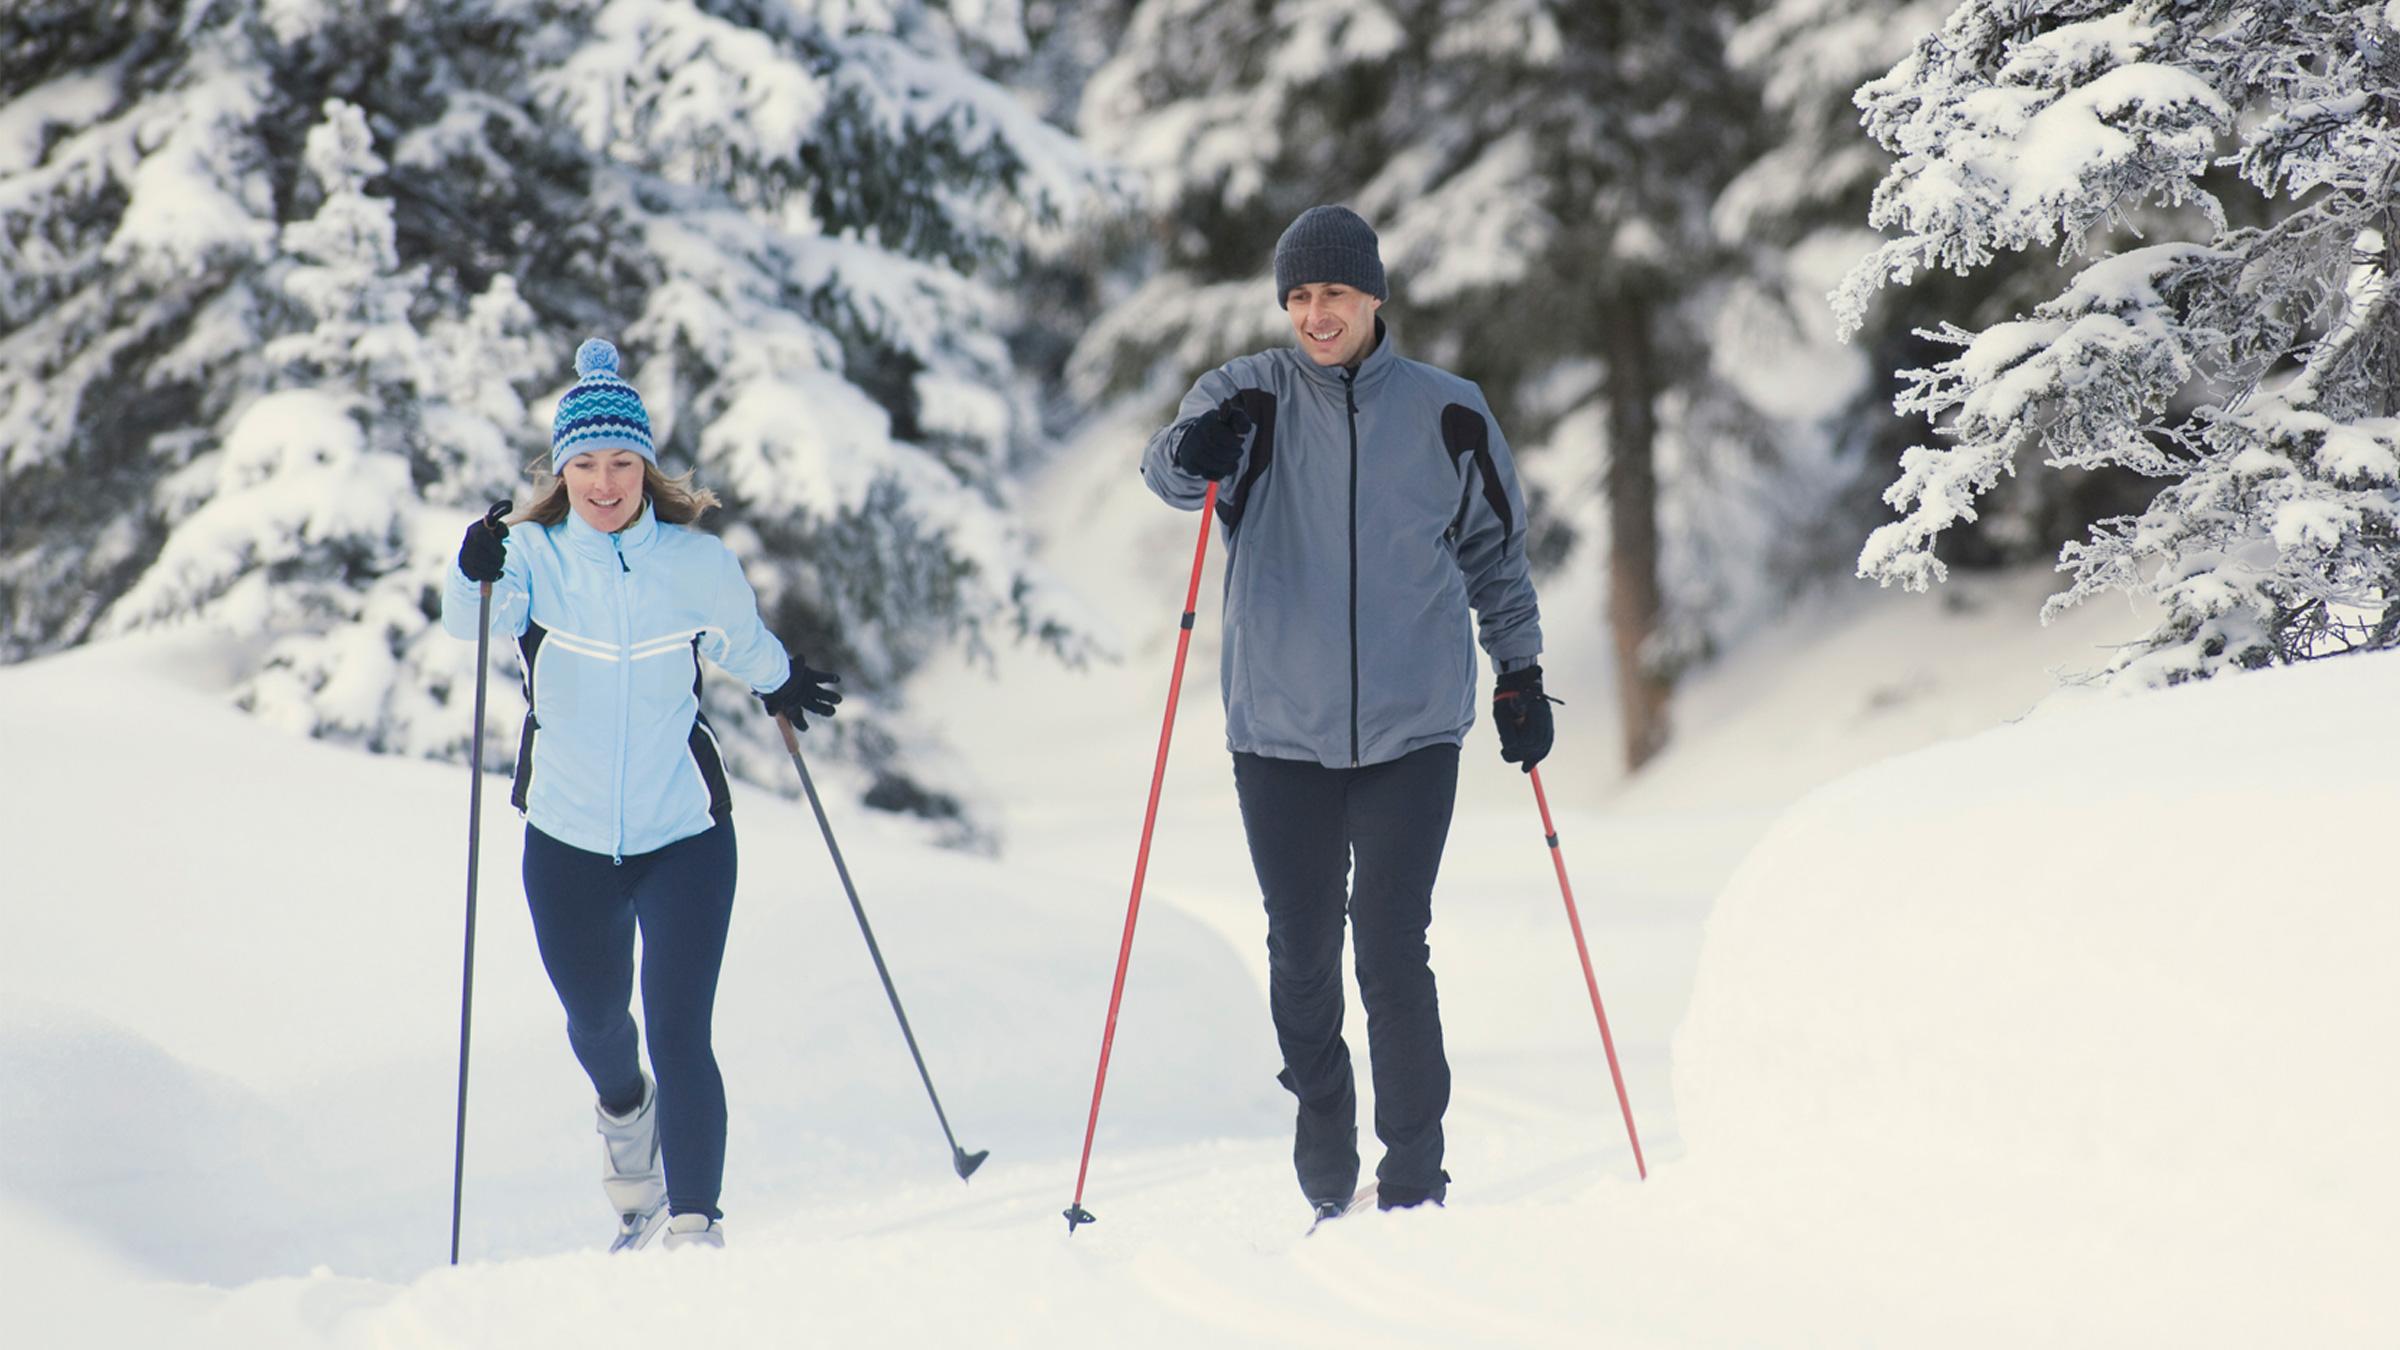 winter-activities-snowshoeing-crosscountry